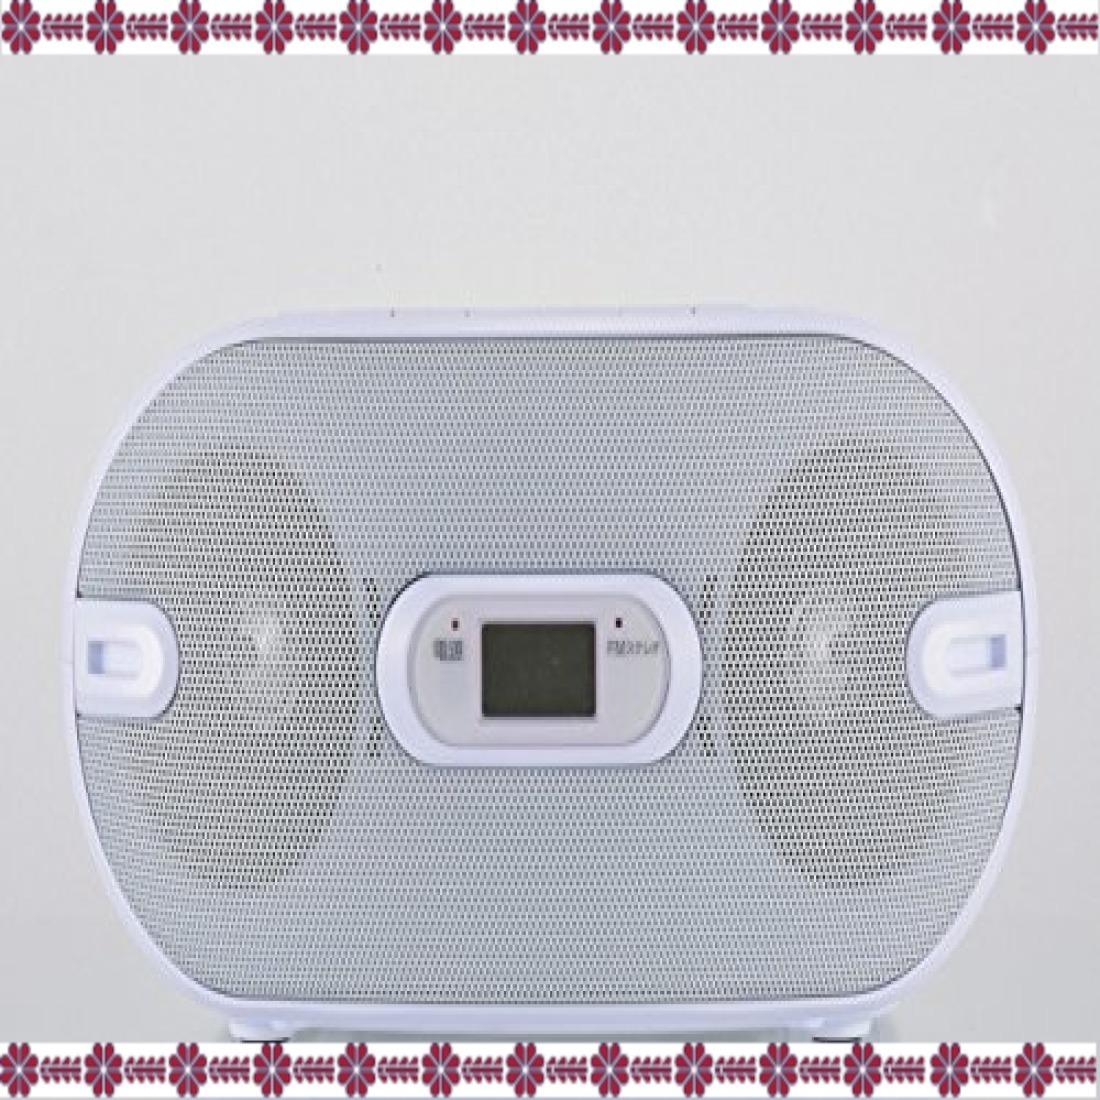 ホワイト 幅231×高さ116×奥行218mm オーム電機 Audio Comm CDラジオ871Z RCR-871Z ホワイト_画像2